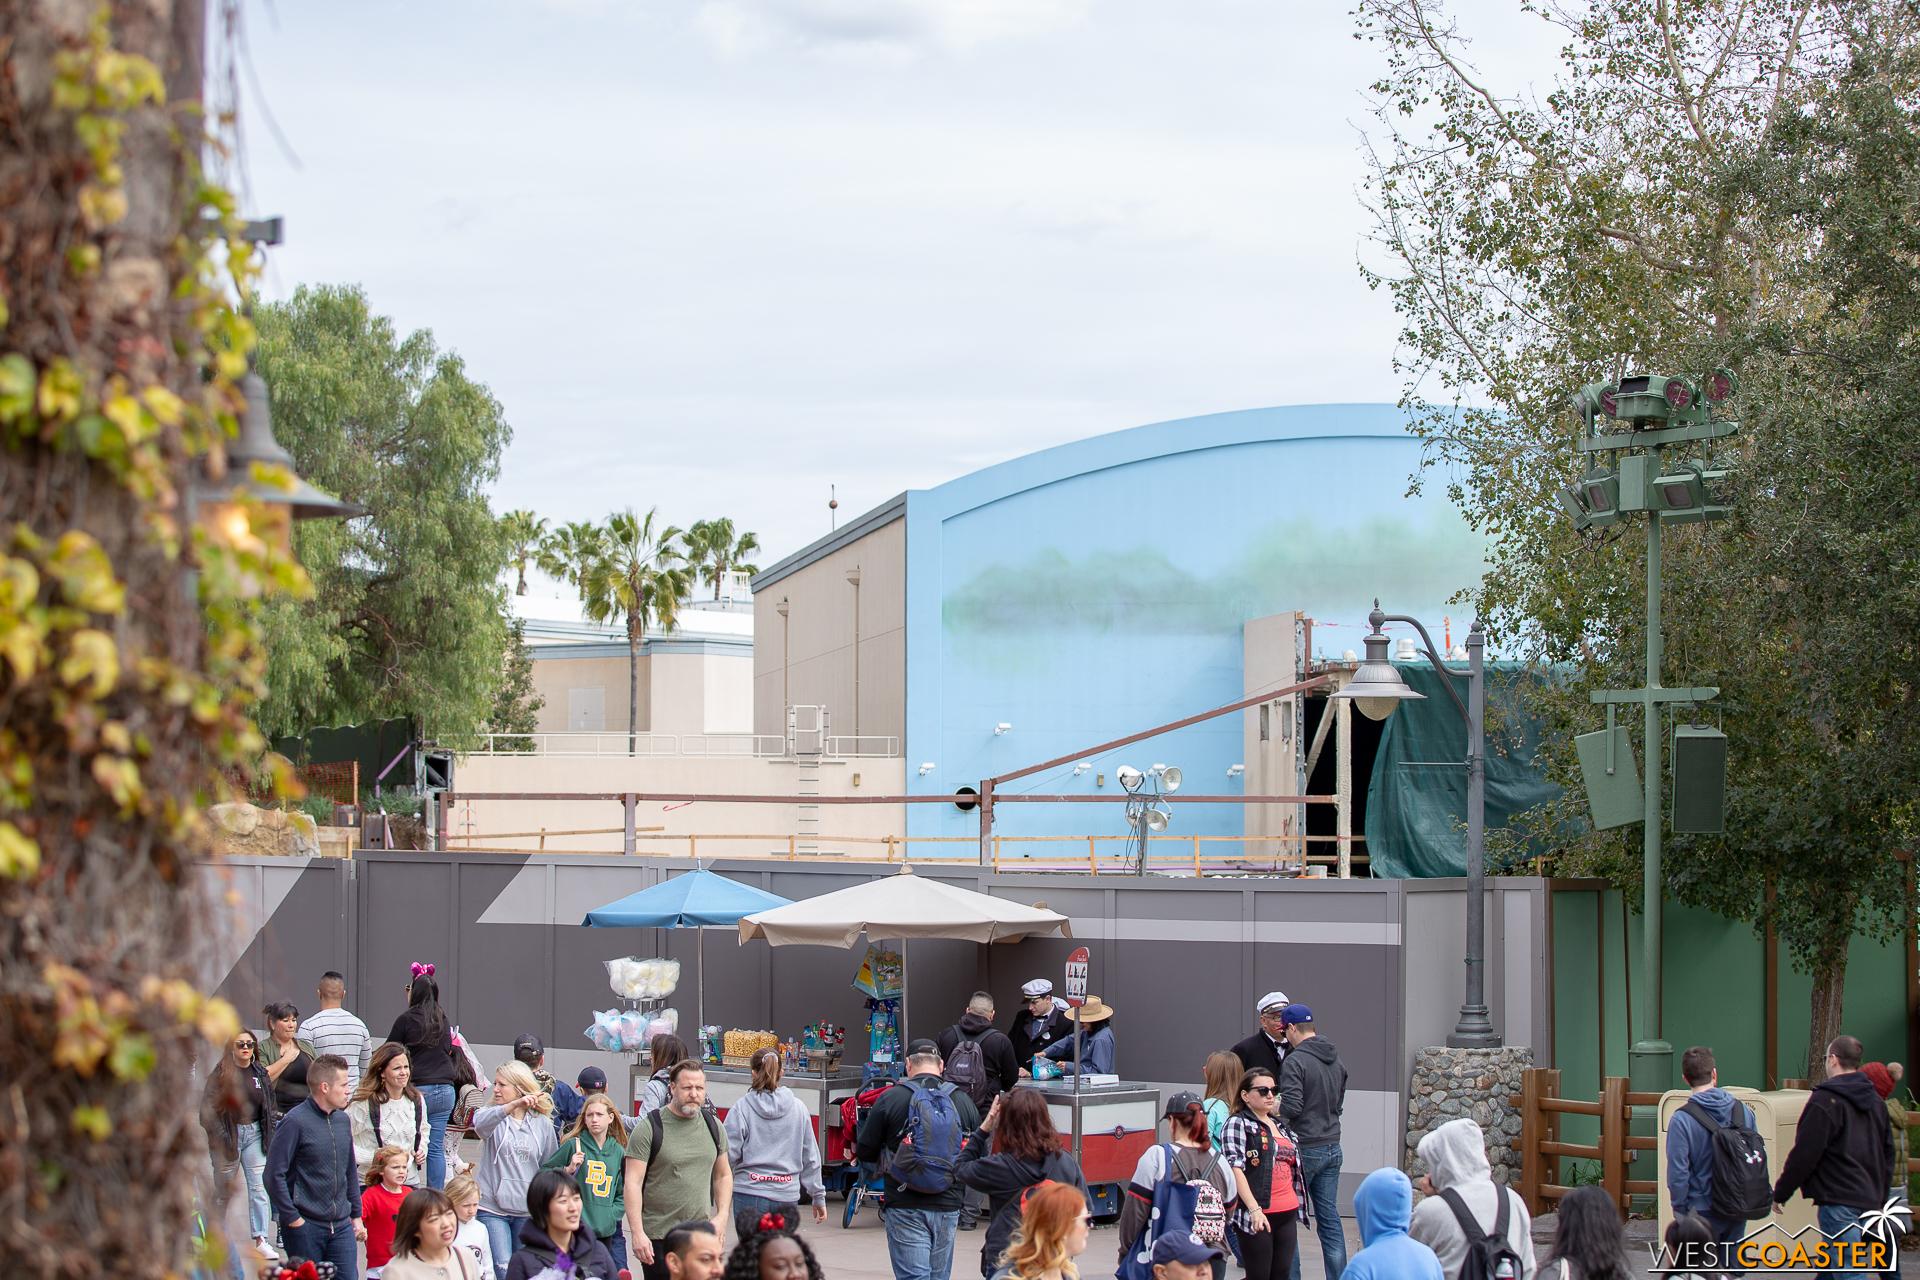 Westcoaster Disneyland Update 2-19-51.jpg